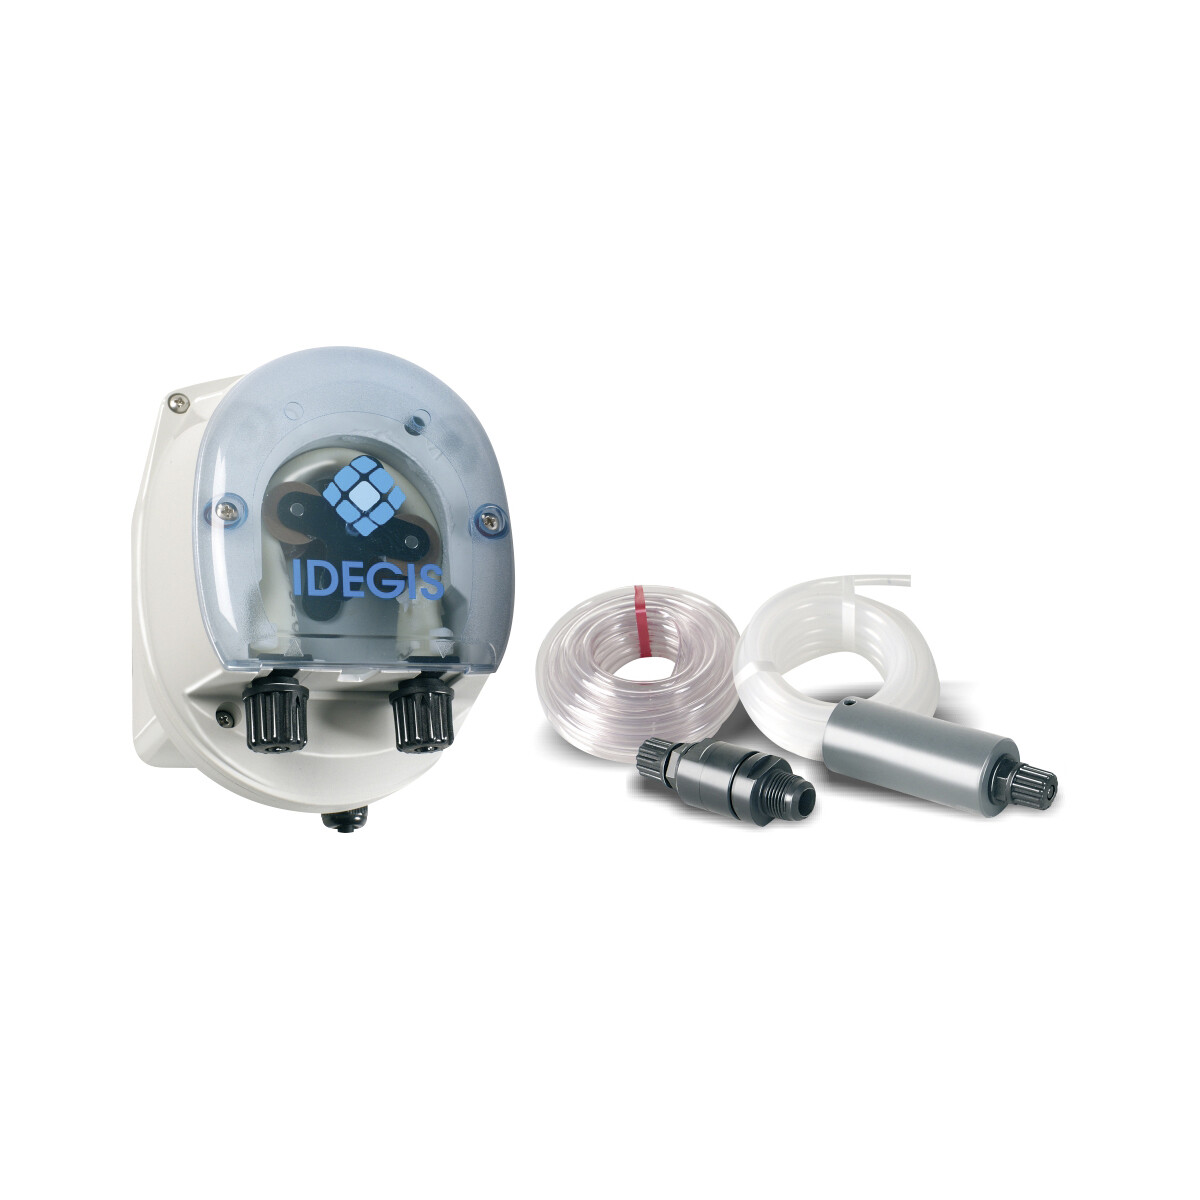 Zubehör Salzelektrolyseanlagen Tecno PH -> Salzelektrolyseanlage Dosierset + Transparenter Elektroden + O-Ring für Salzelektrolyseanlagen + PE Elektrodenhalter für Salzelektrolyseanlagen